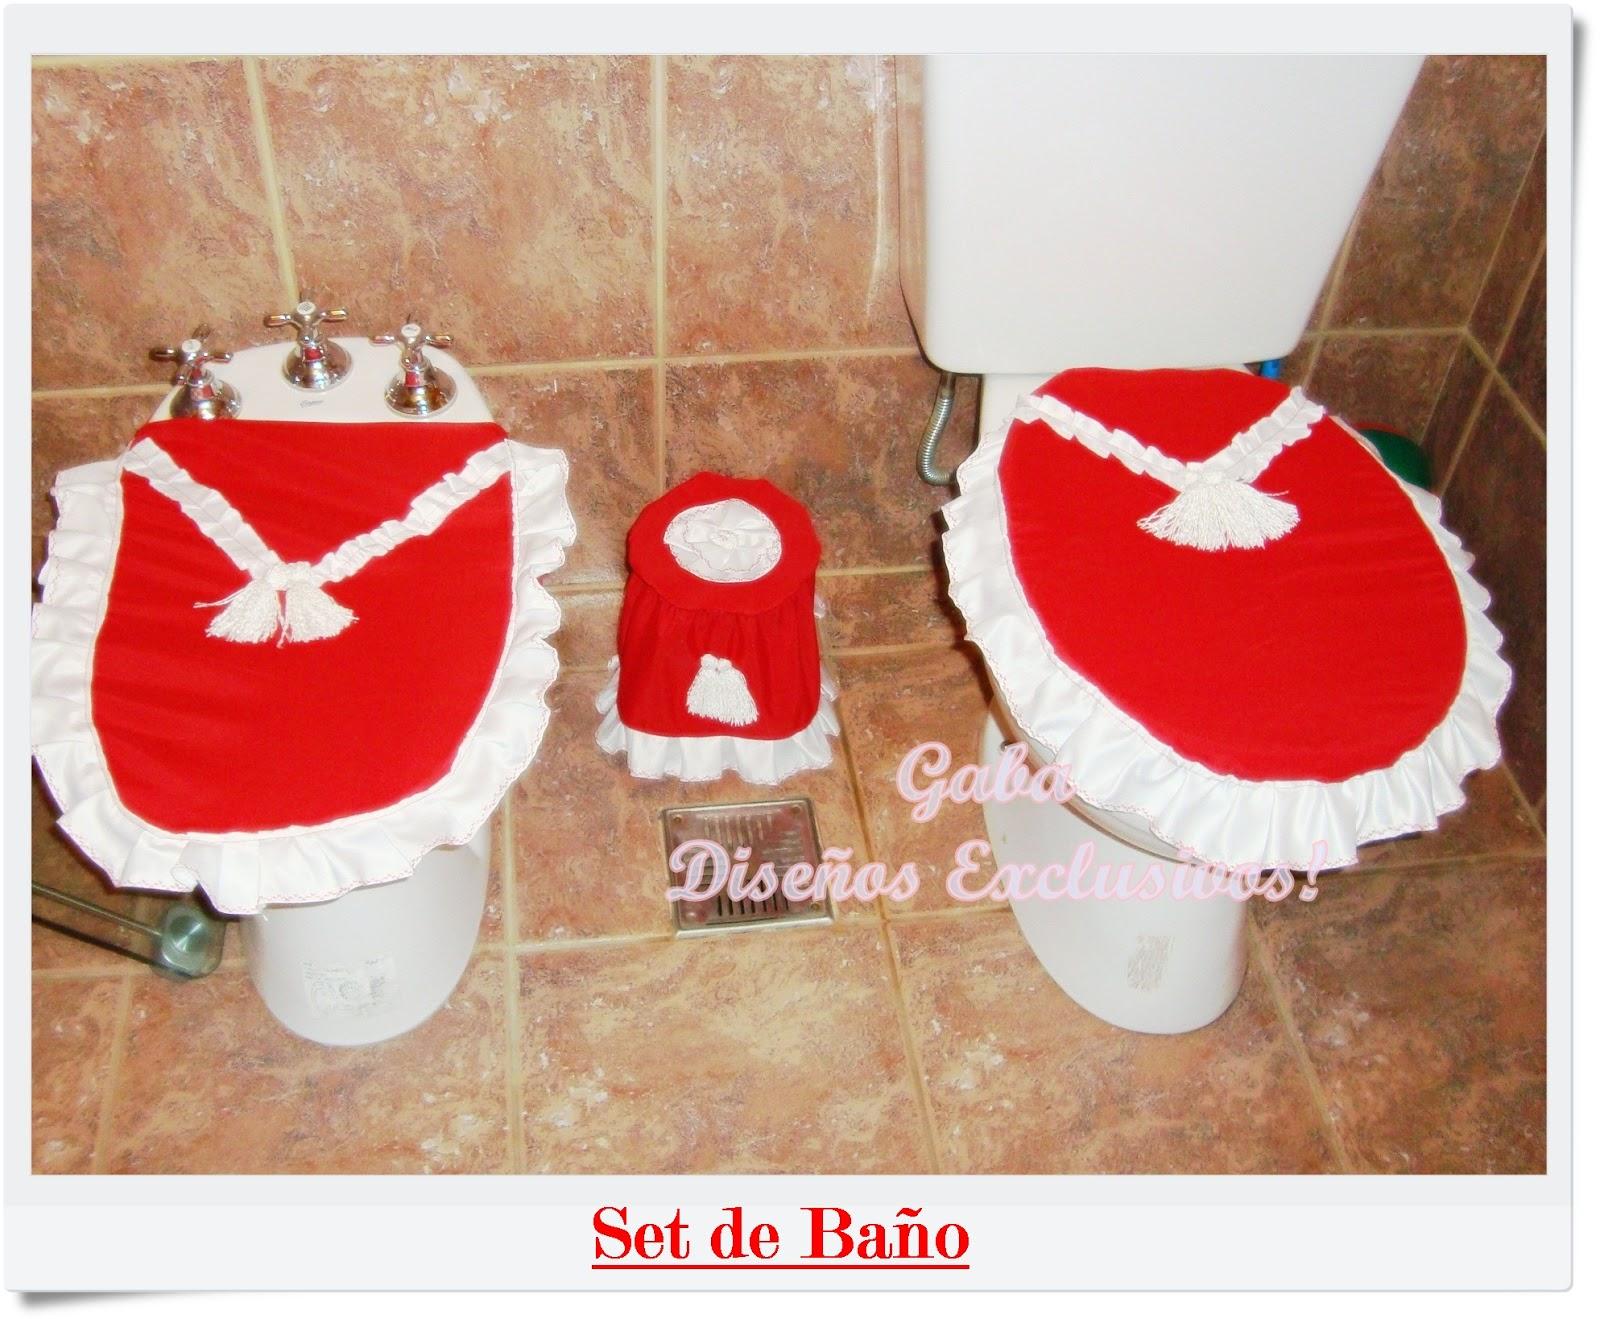 Set De Baño Para Fiestas:Creaciones: Set de Baño